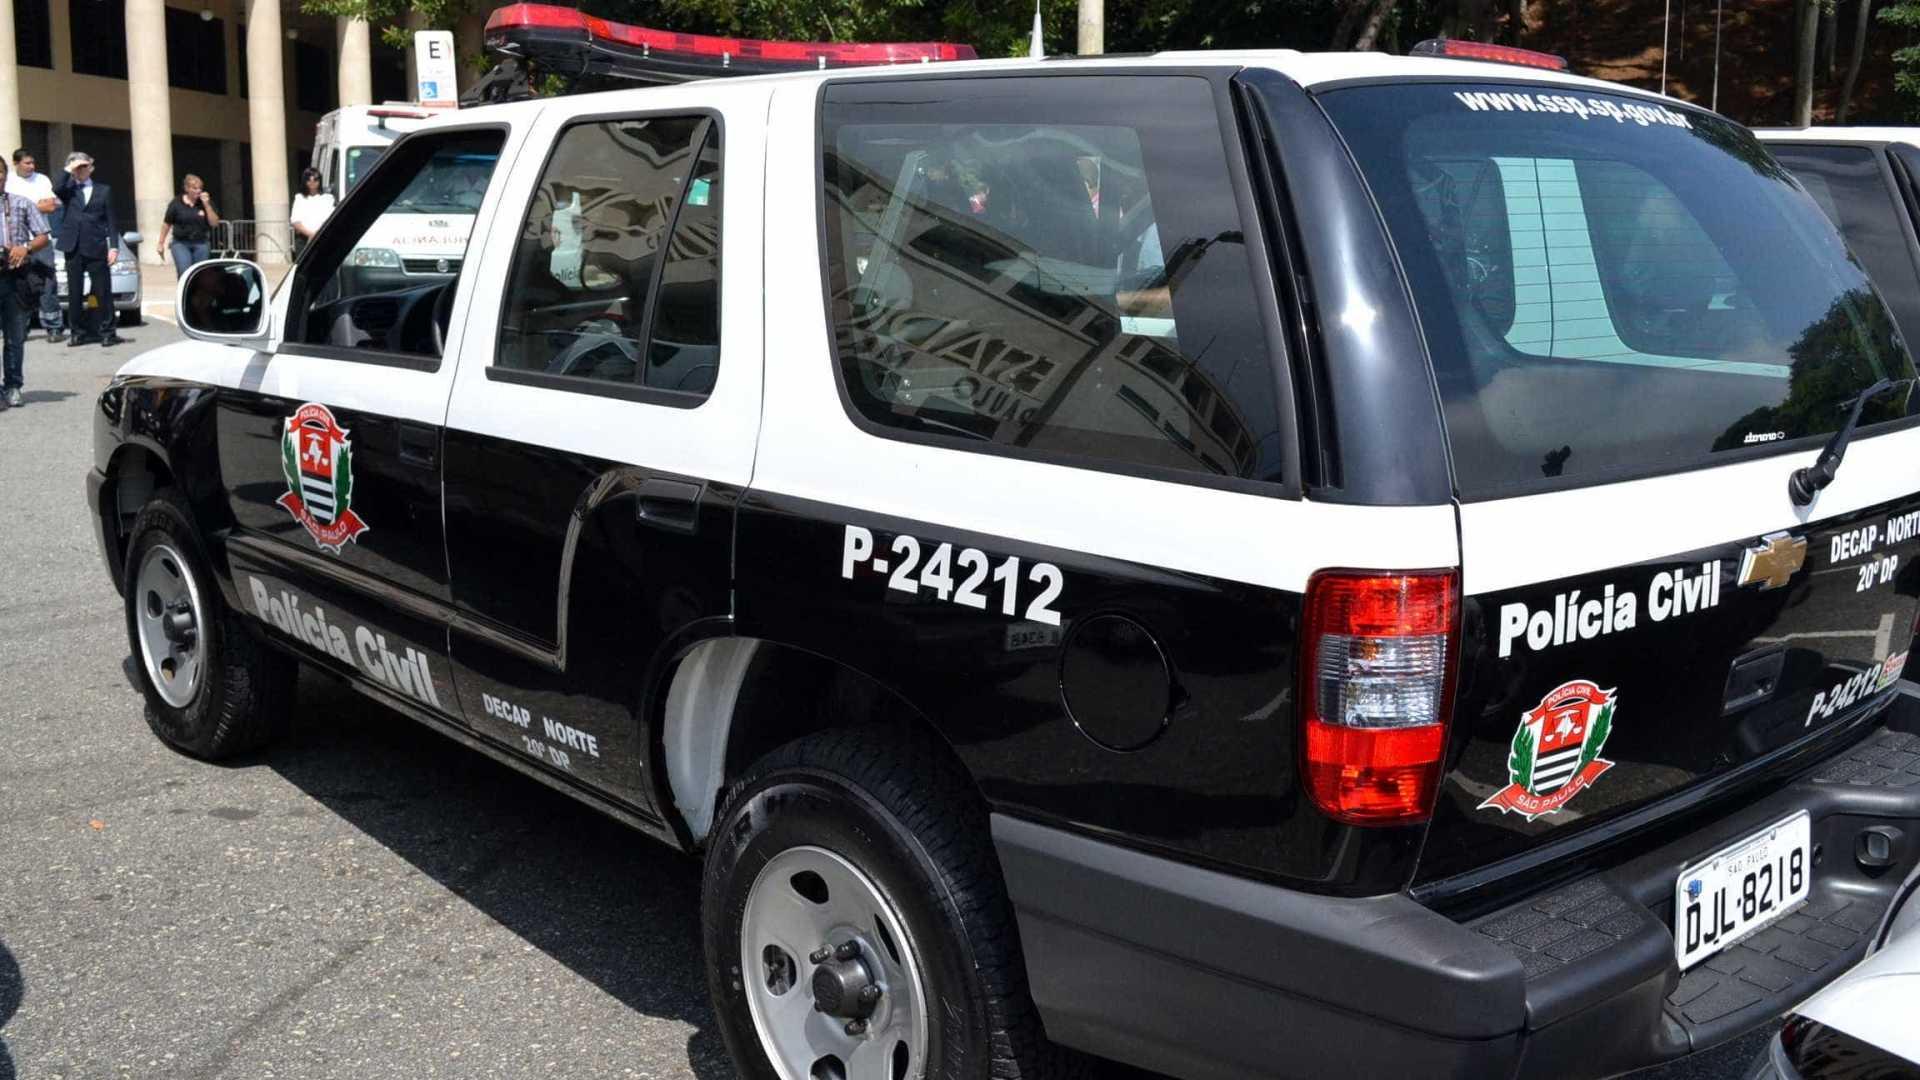 CRONOS – Policiais civis fazem operação para prender autores de feminicídio